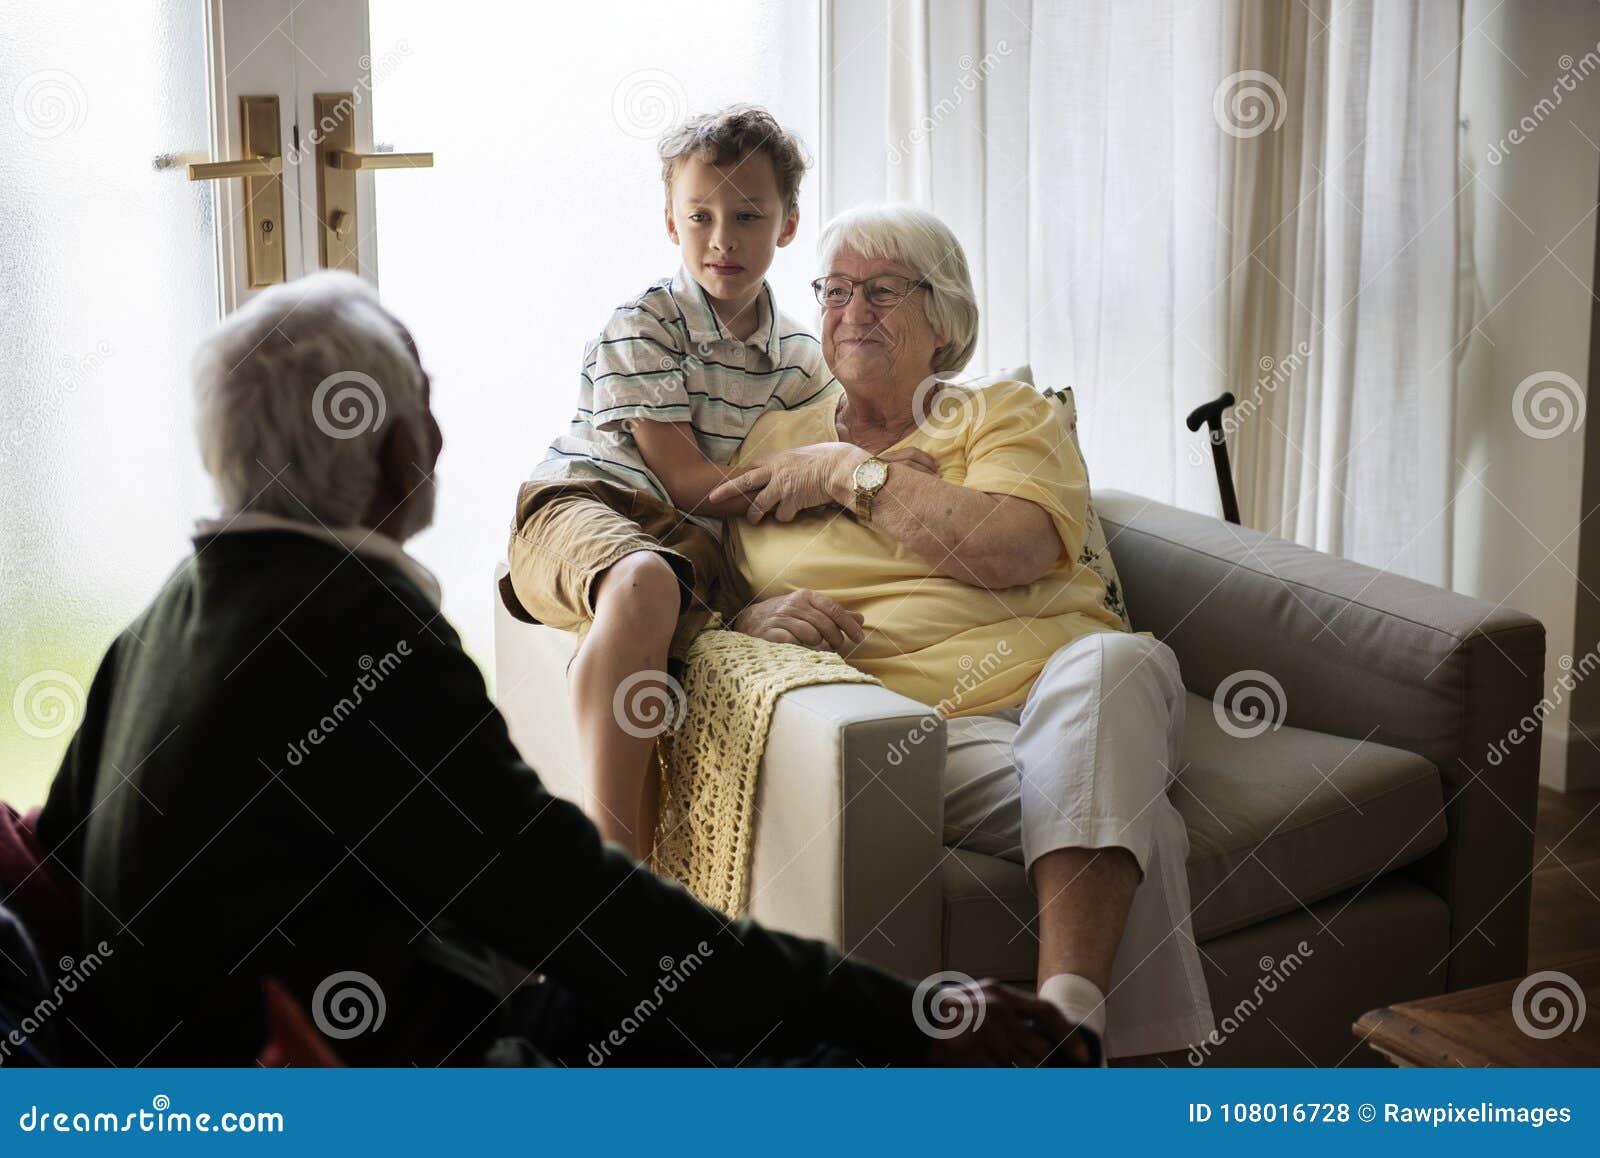 O neto está em uma sala de visitas com avós